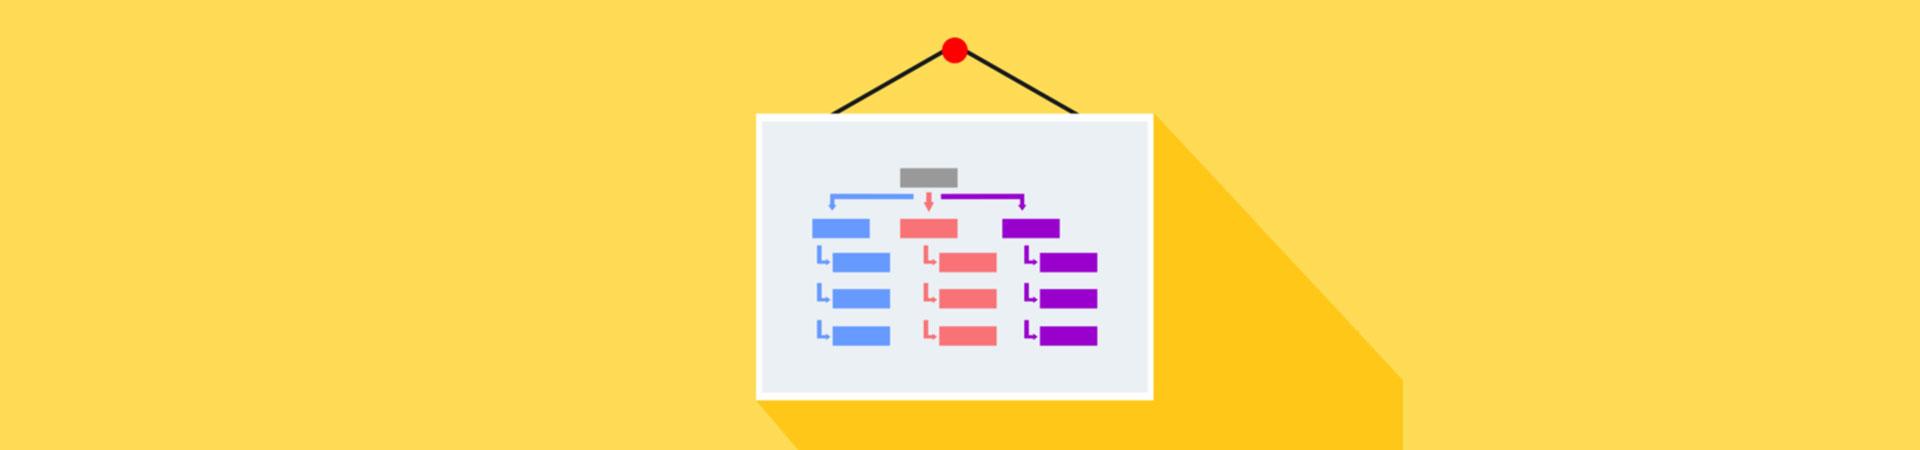 sitemap-banner